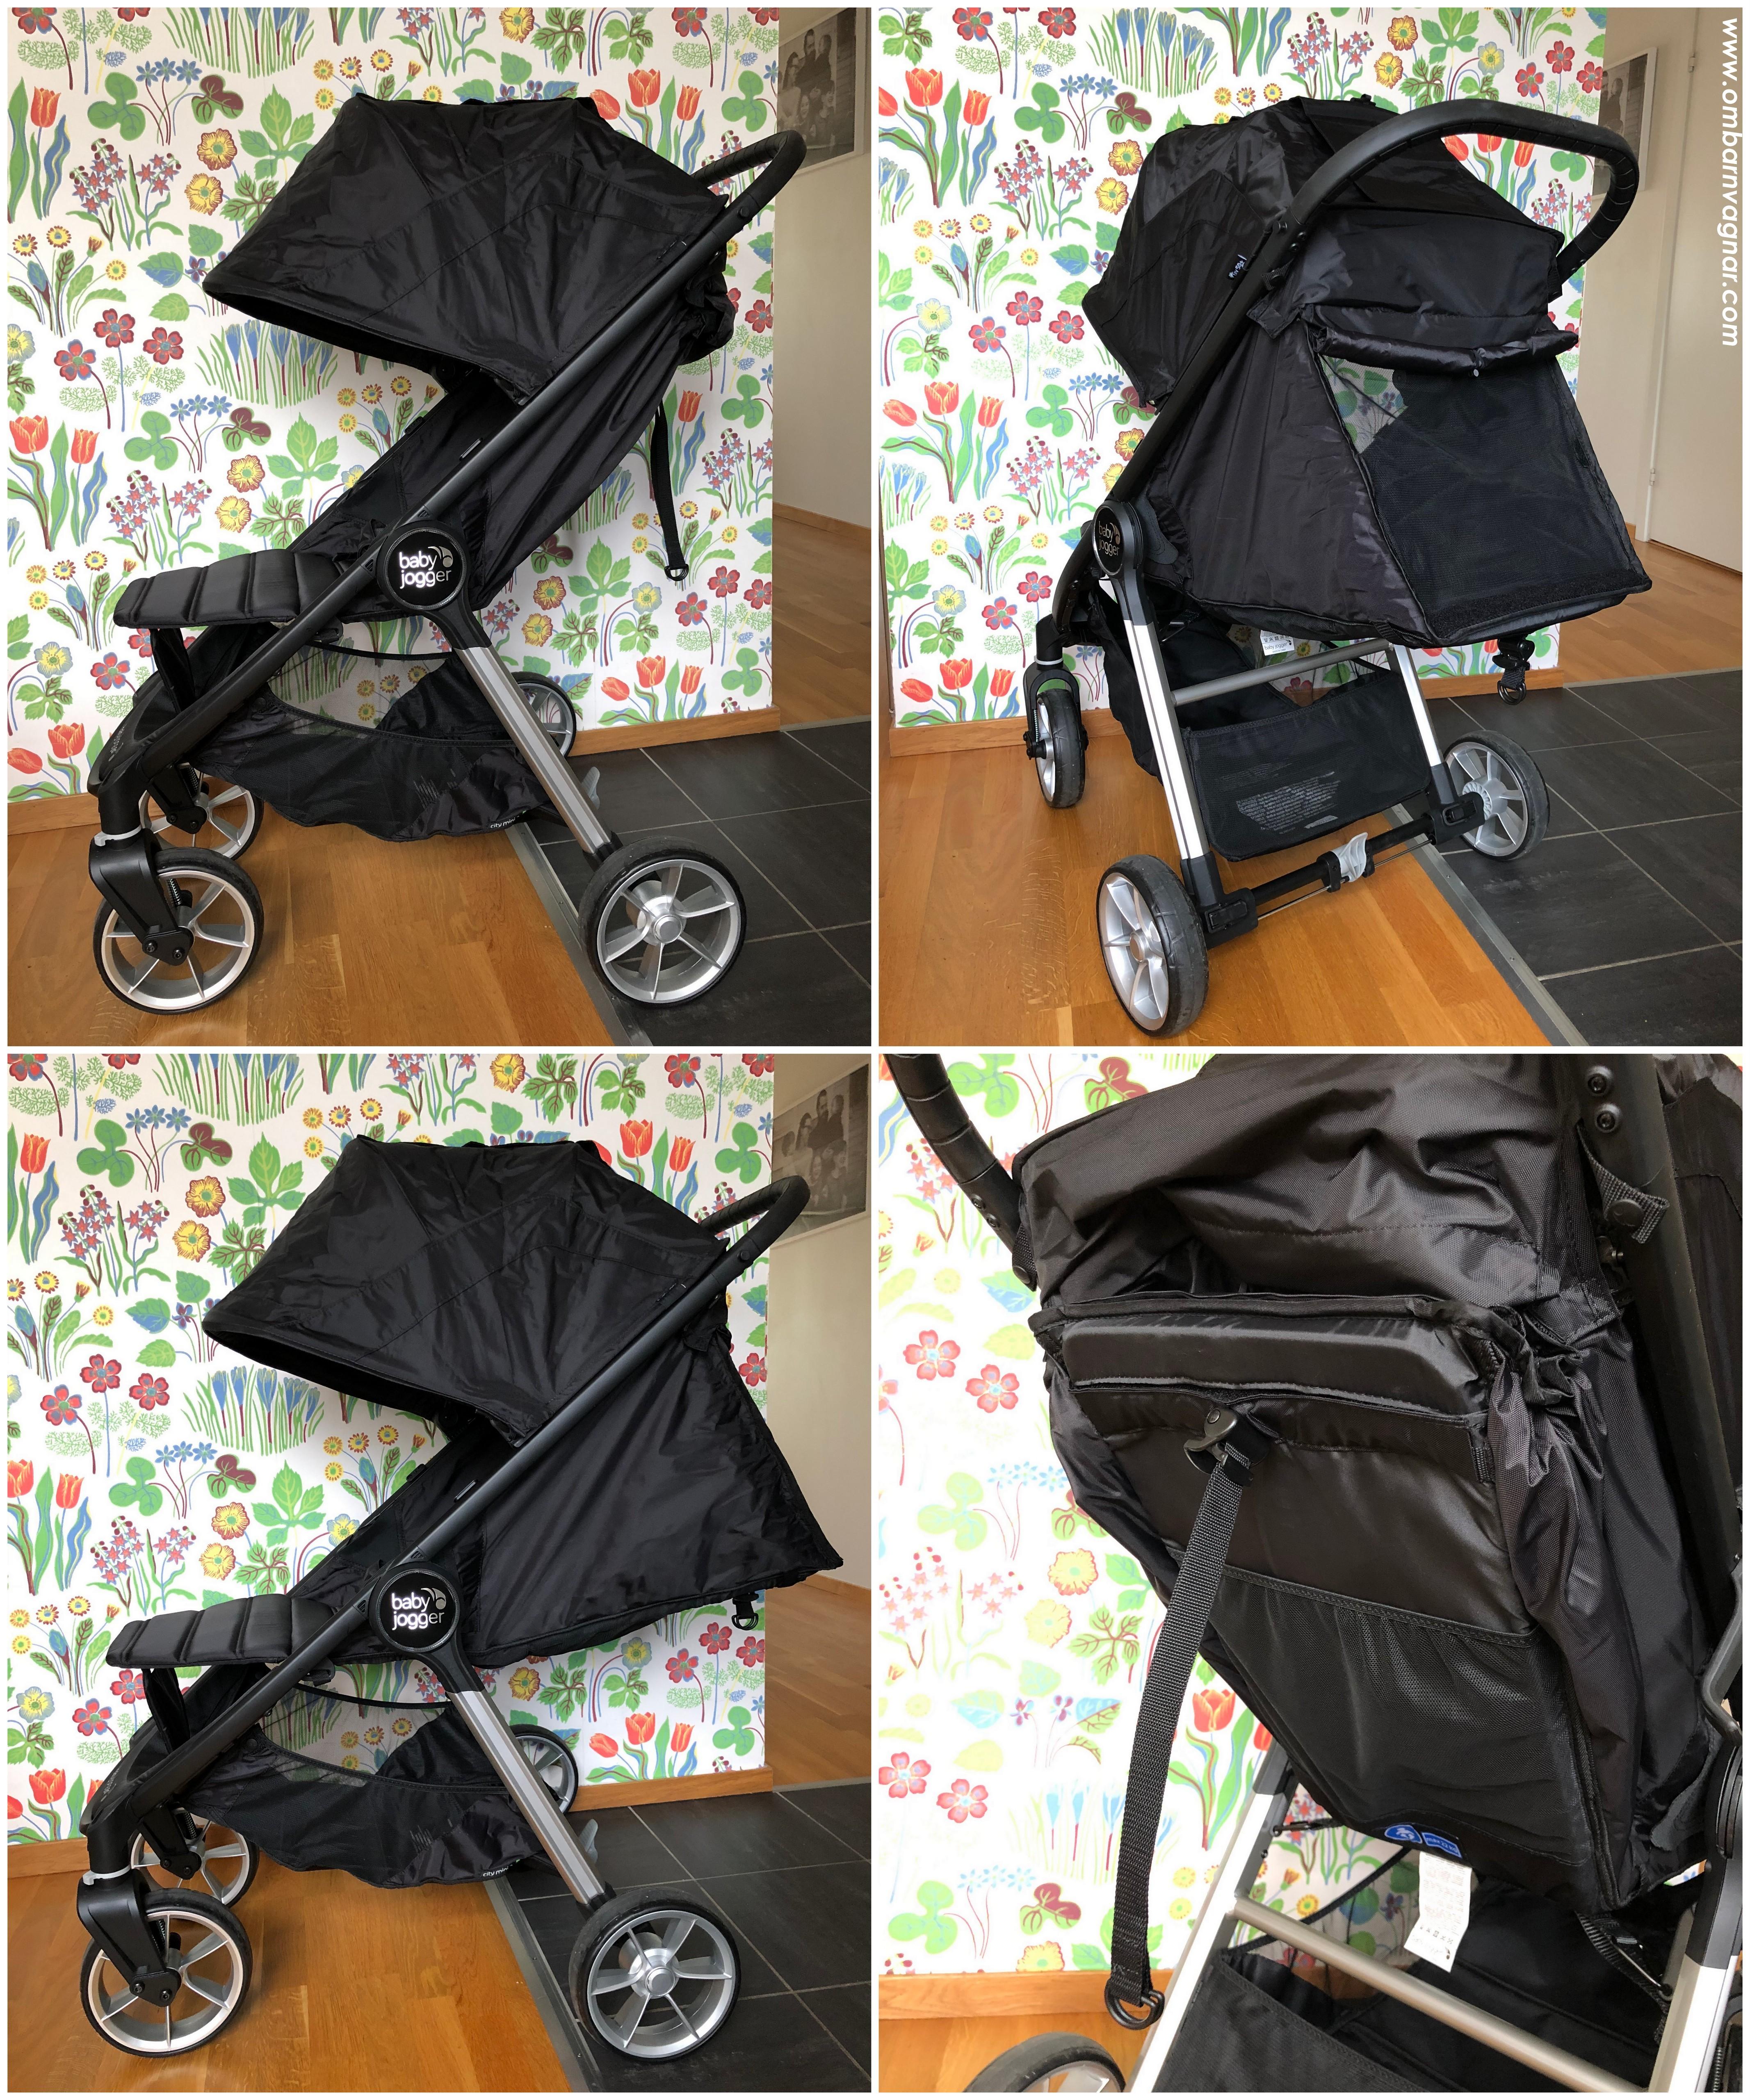 Sittläge och liggläge i Baby Jogger City Mini 2 4W